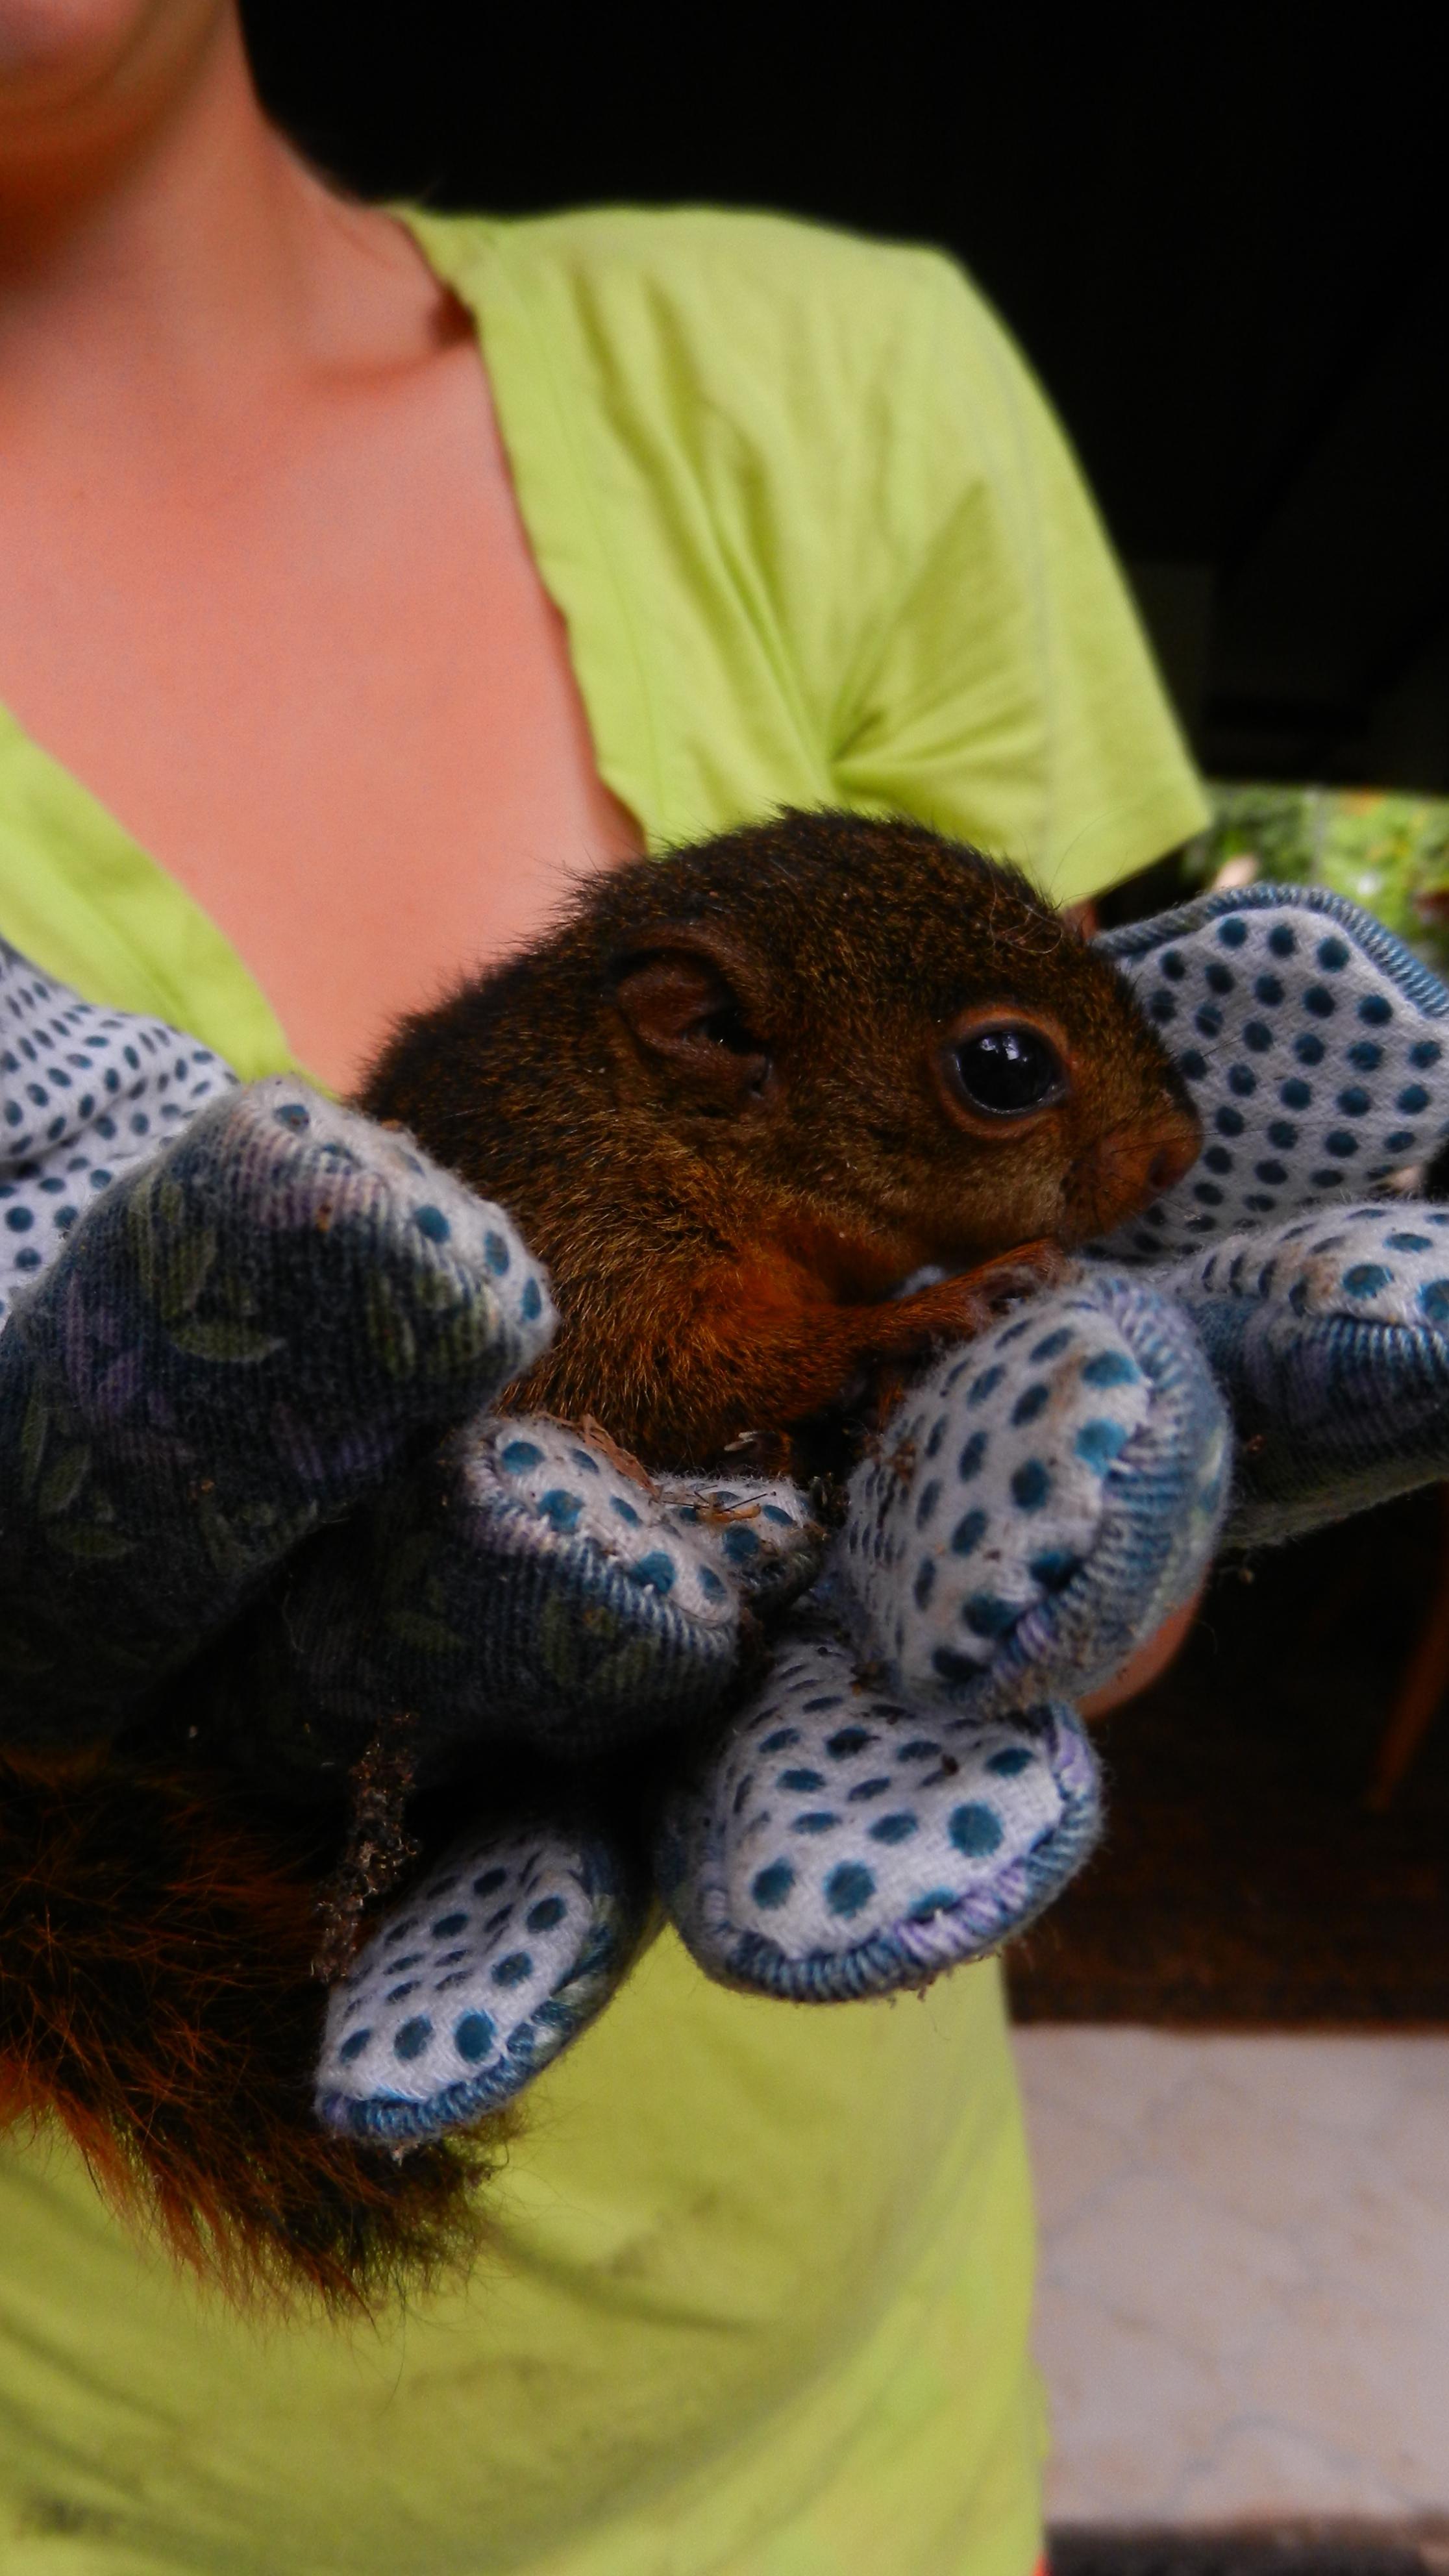 lost baby squirrel